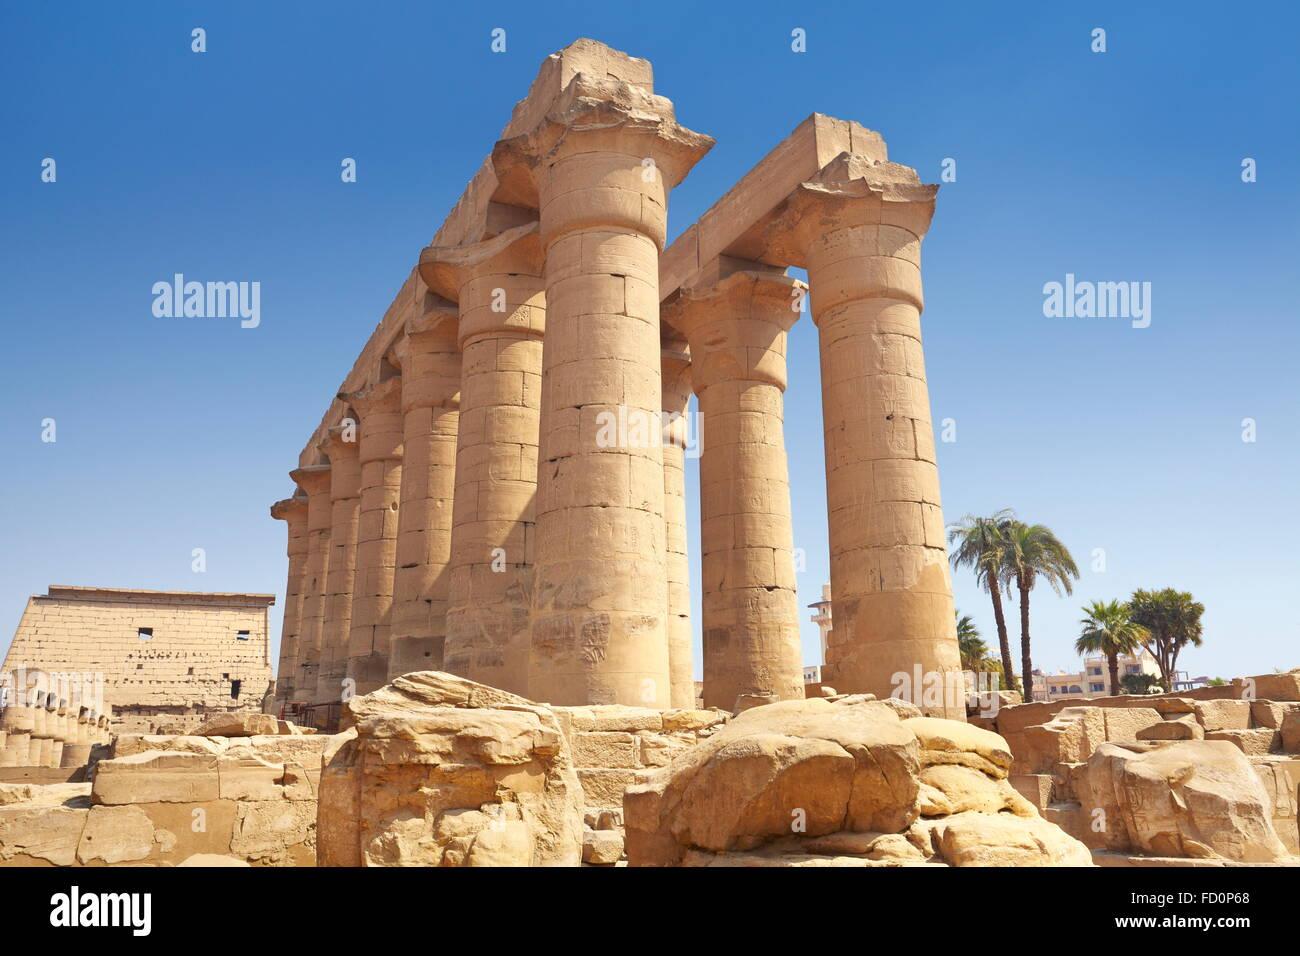 Colonne antique dans le temple de Louxor, Louxor, Egypte Banque D'Images